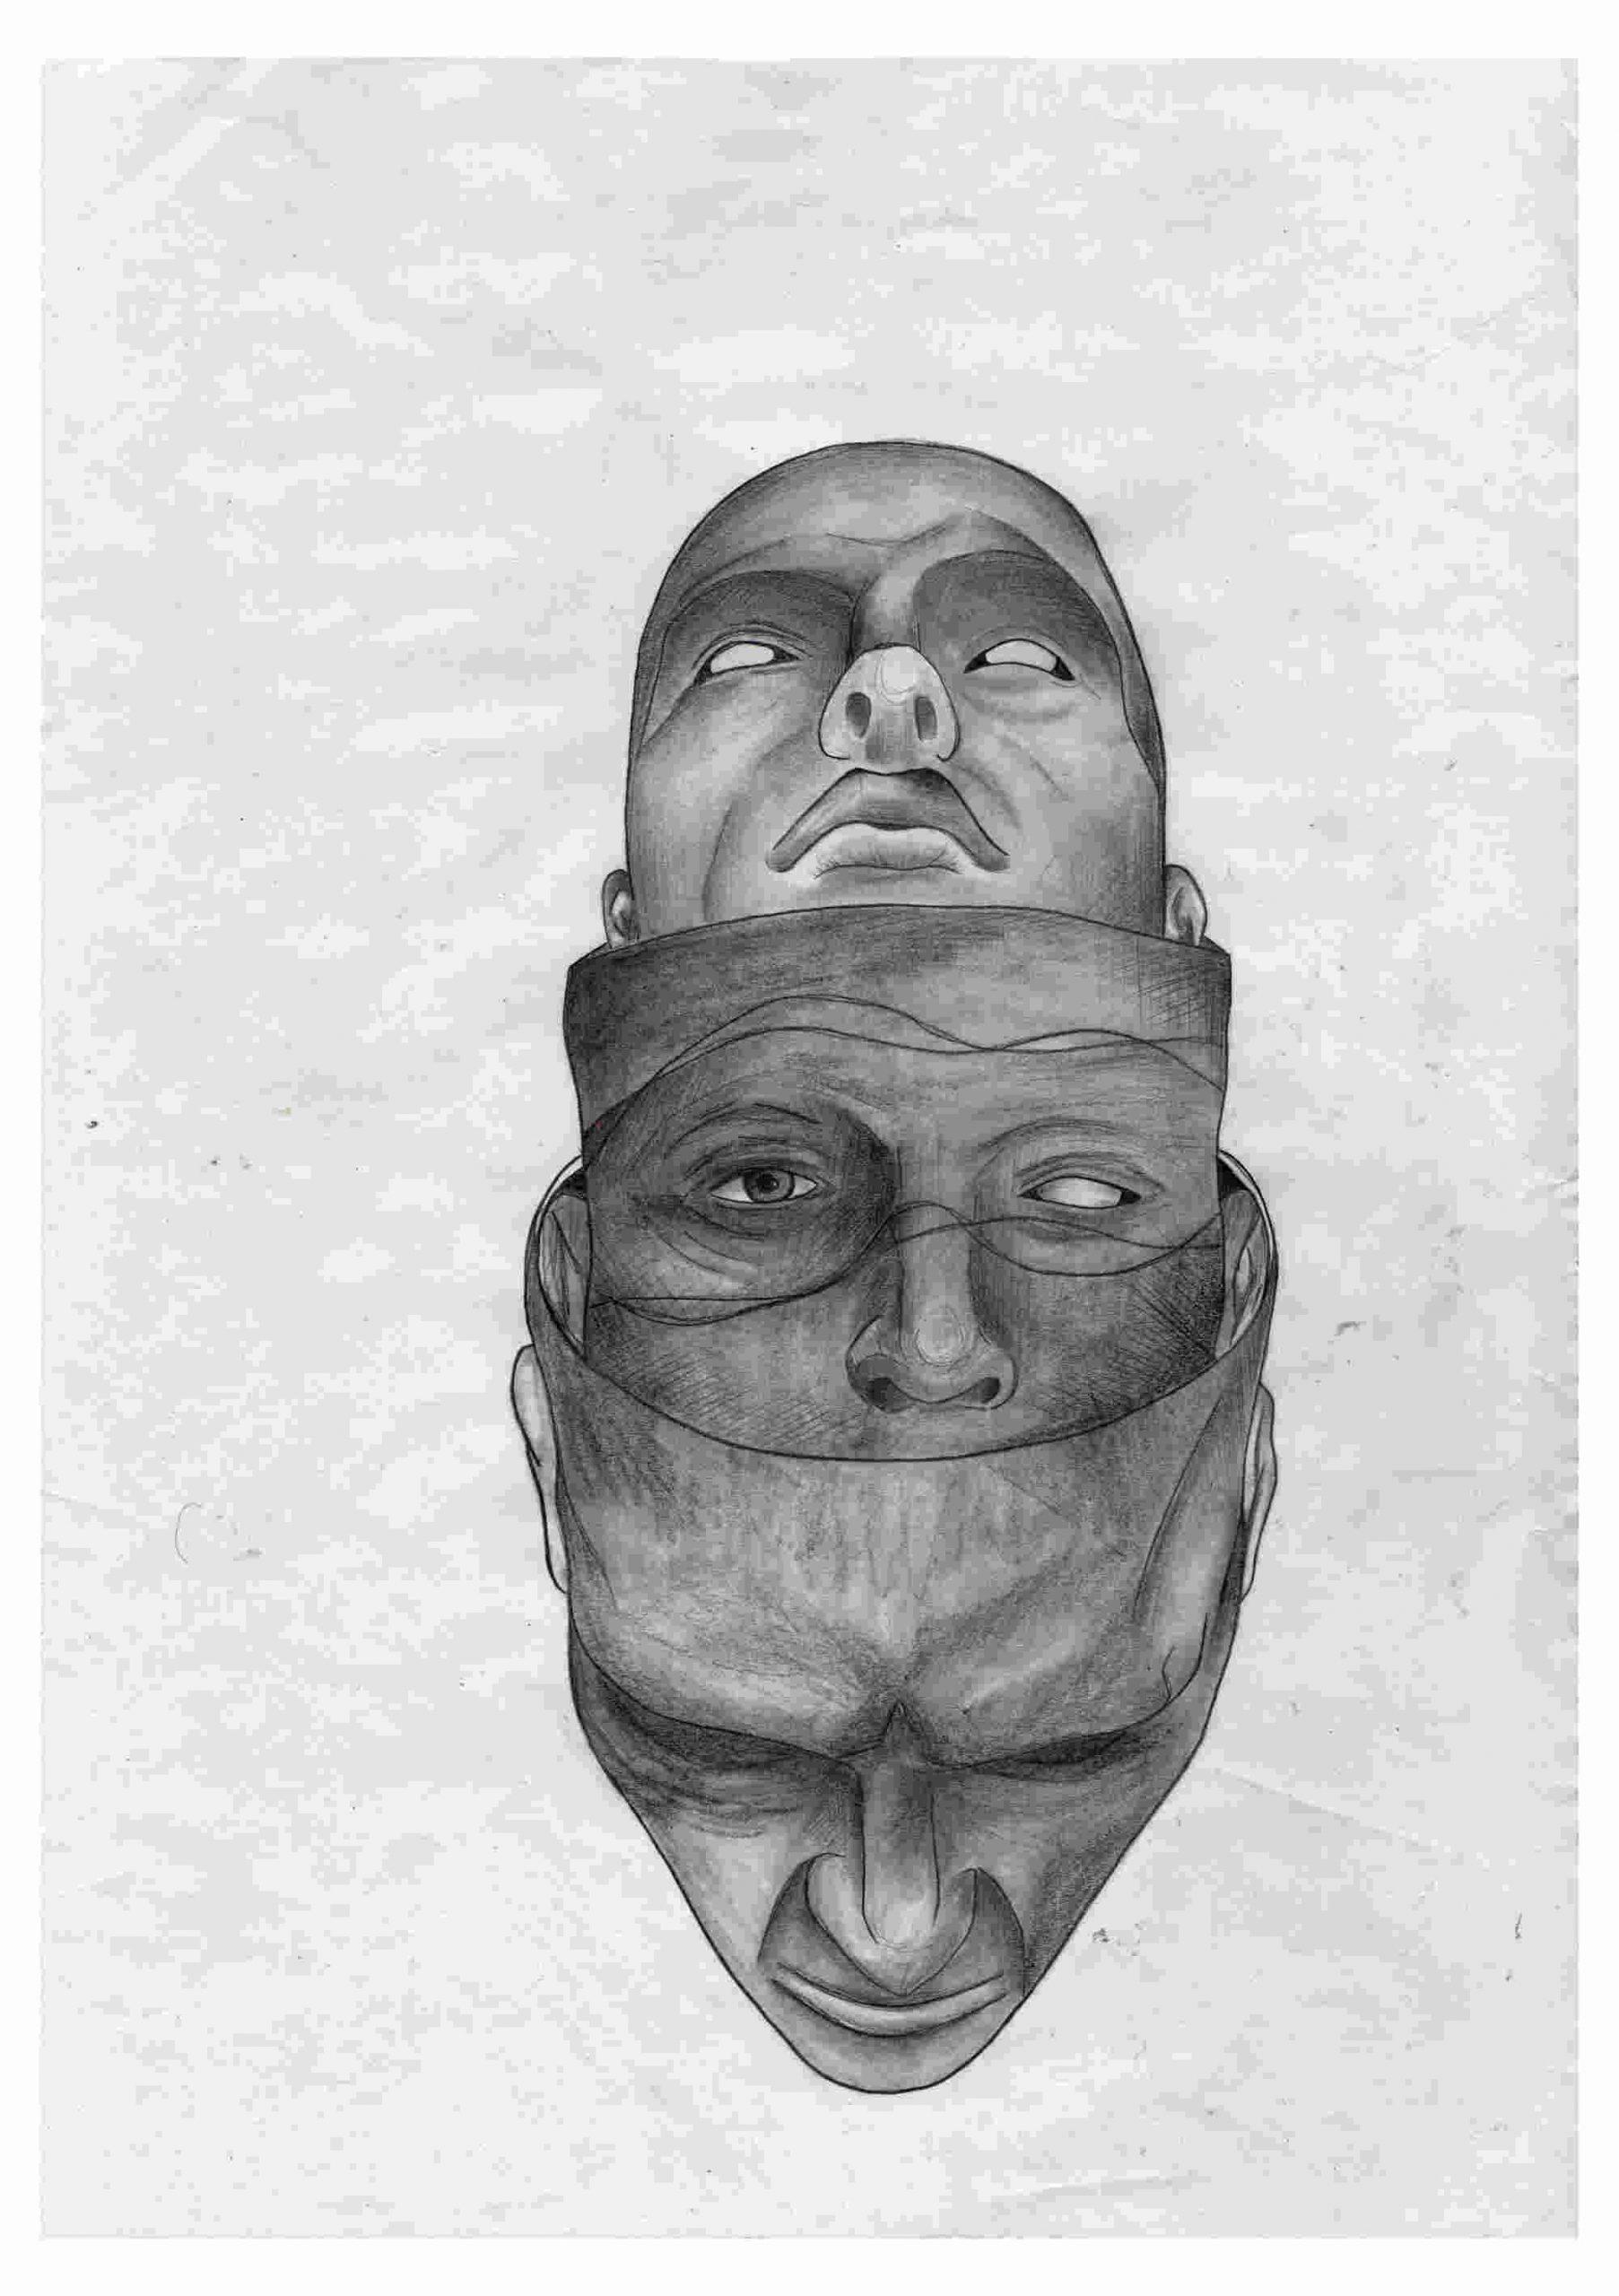 Die Drei Gesichter im Kopf